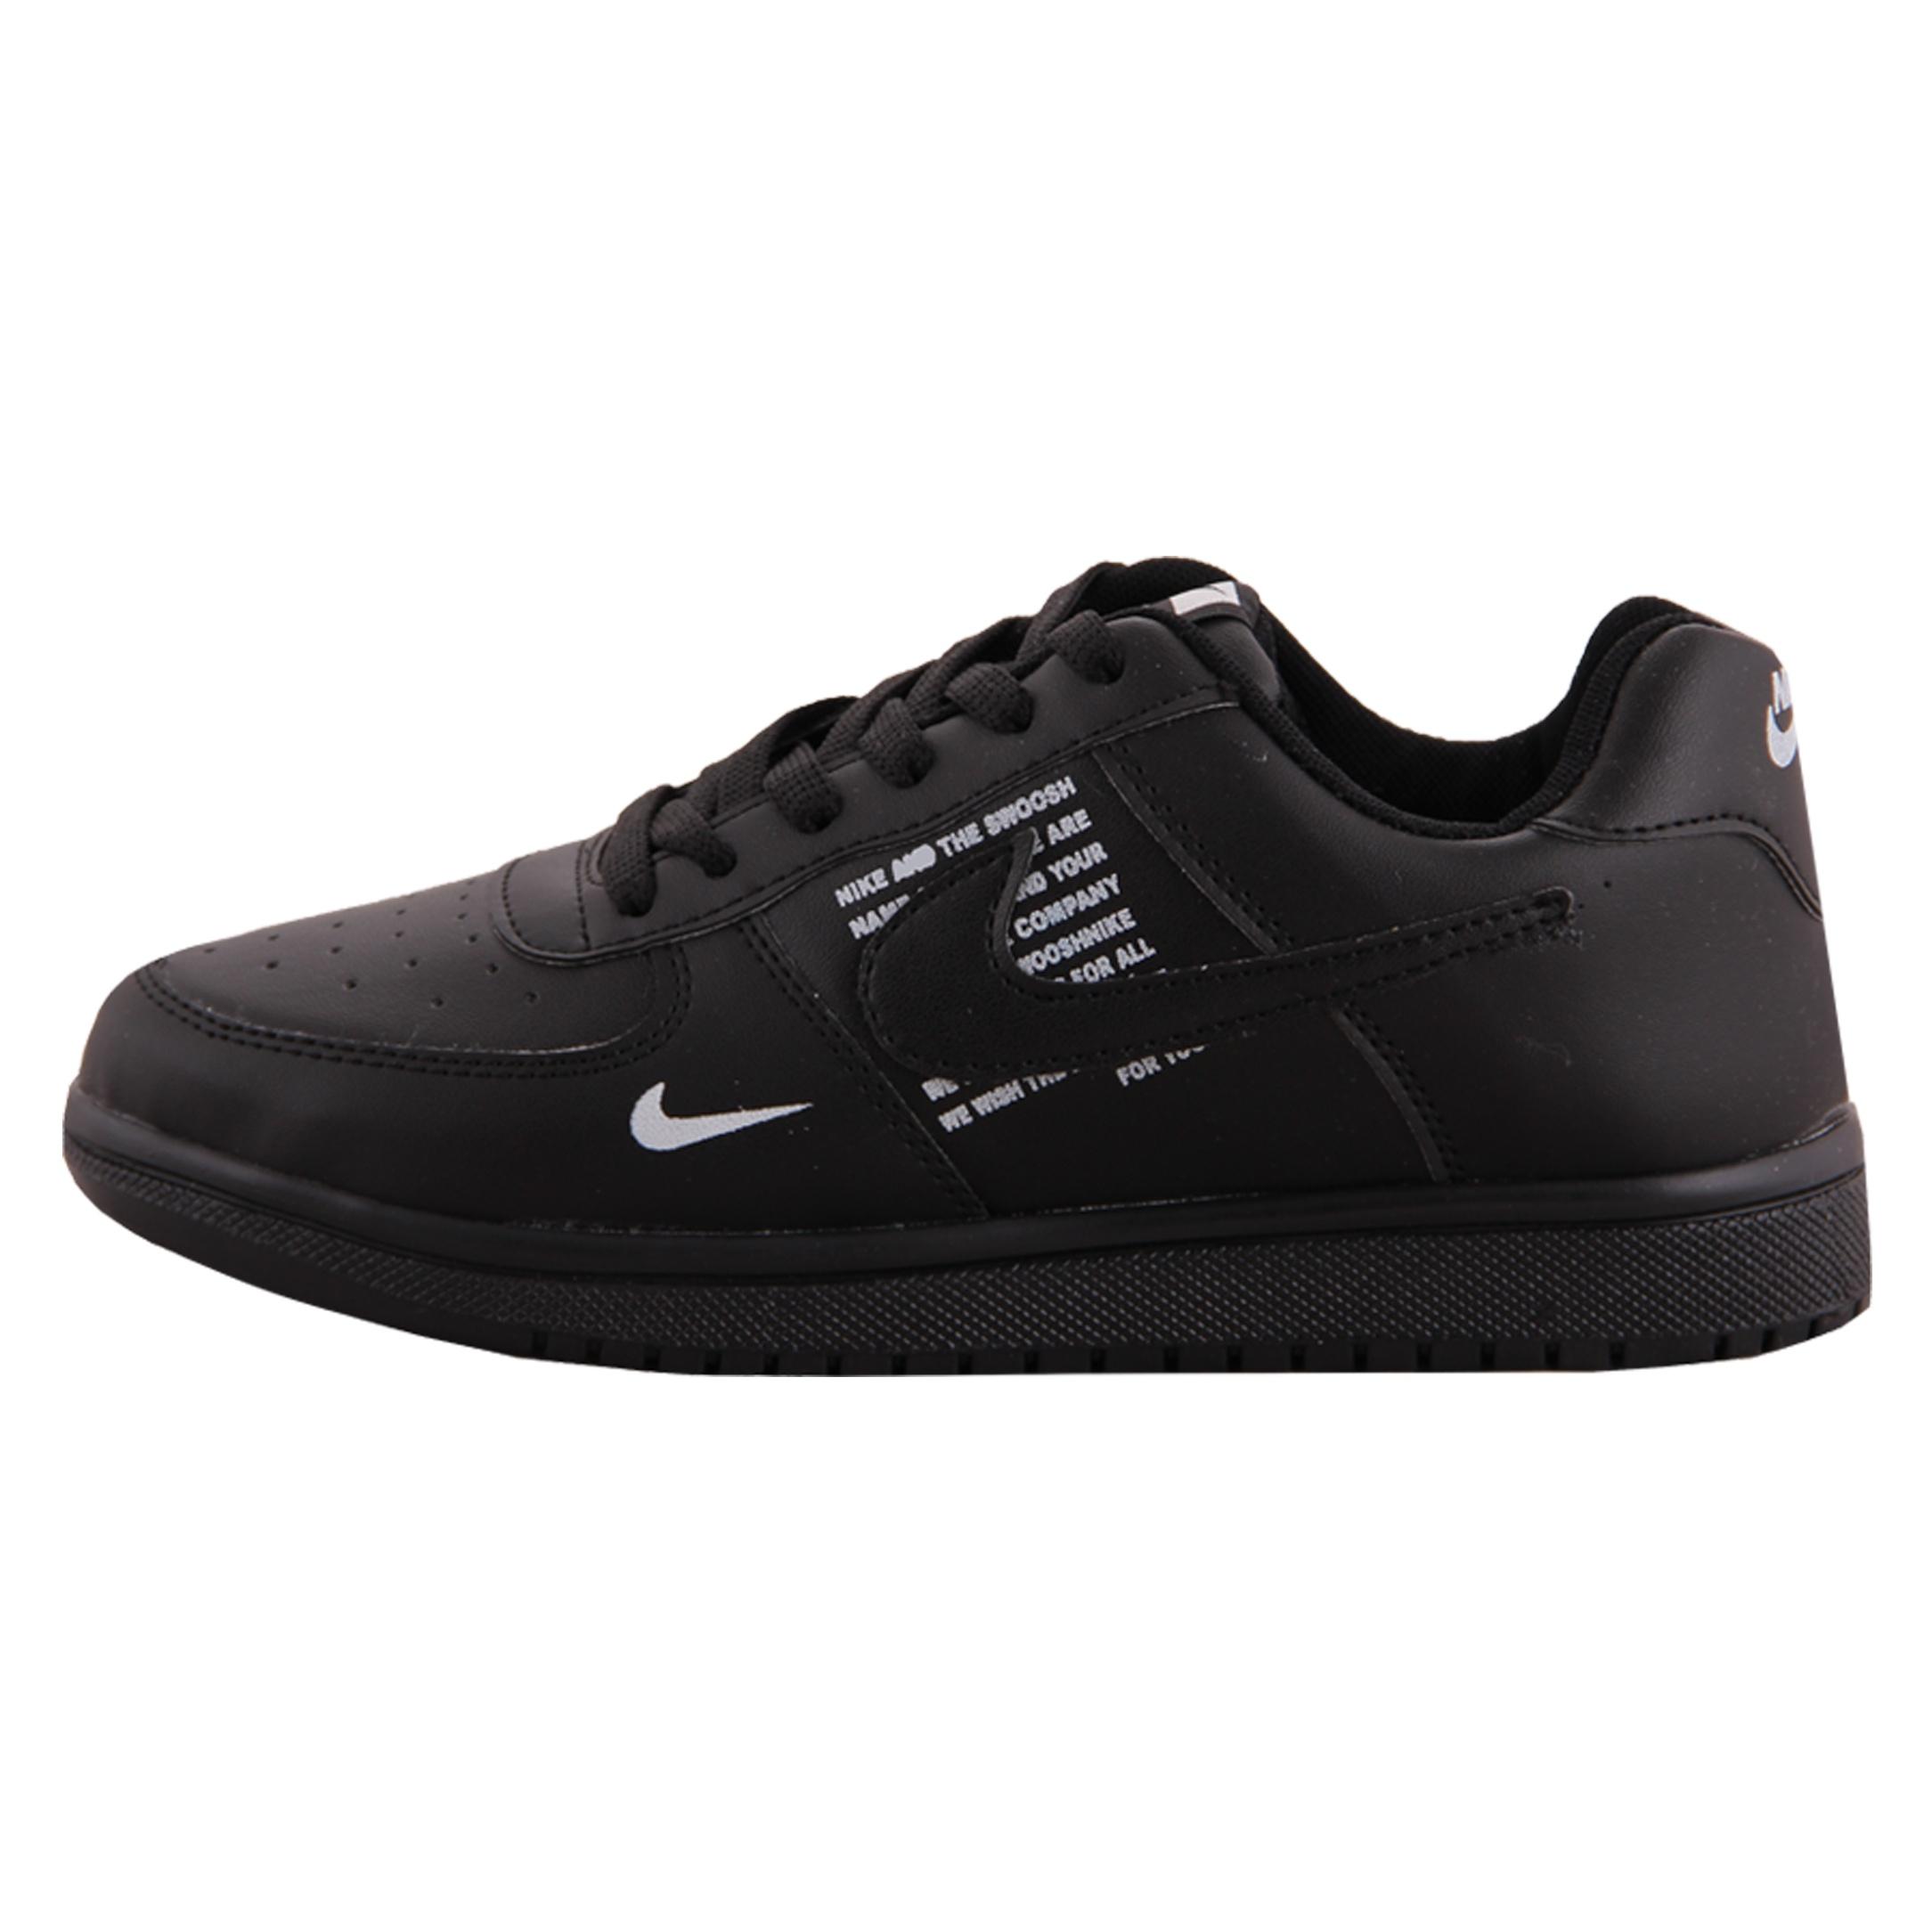 کفش راحتی زنانه کد 1-2397990